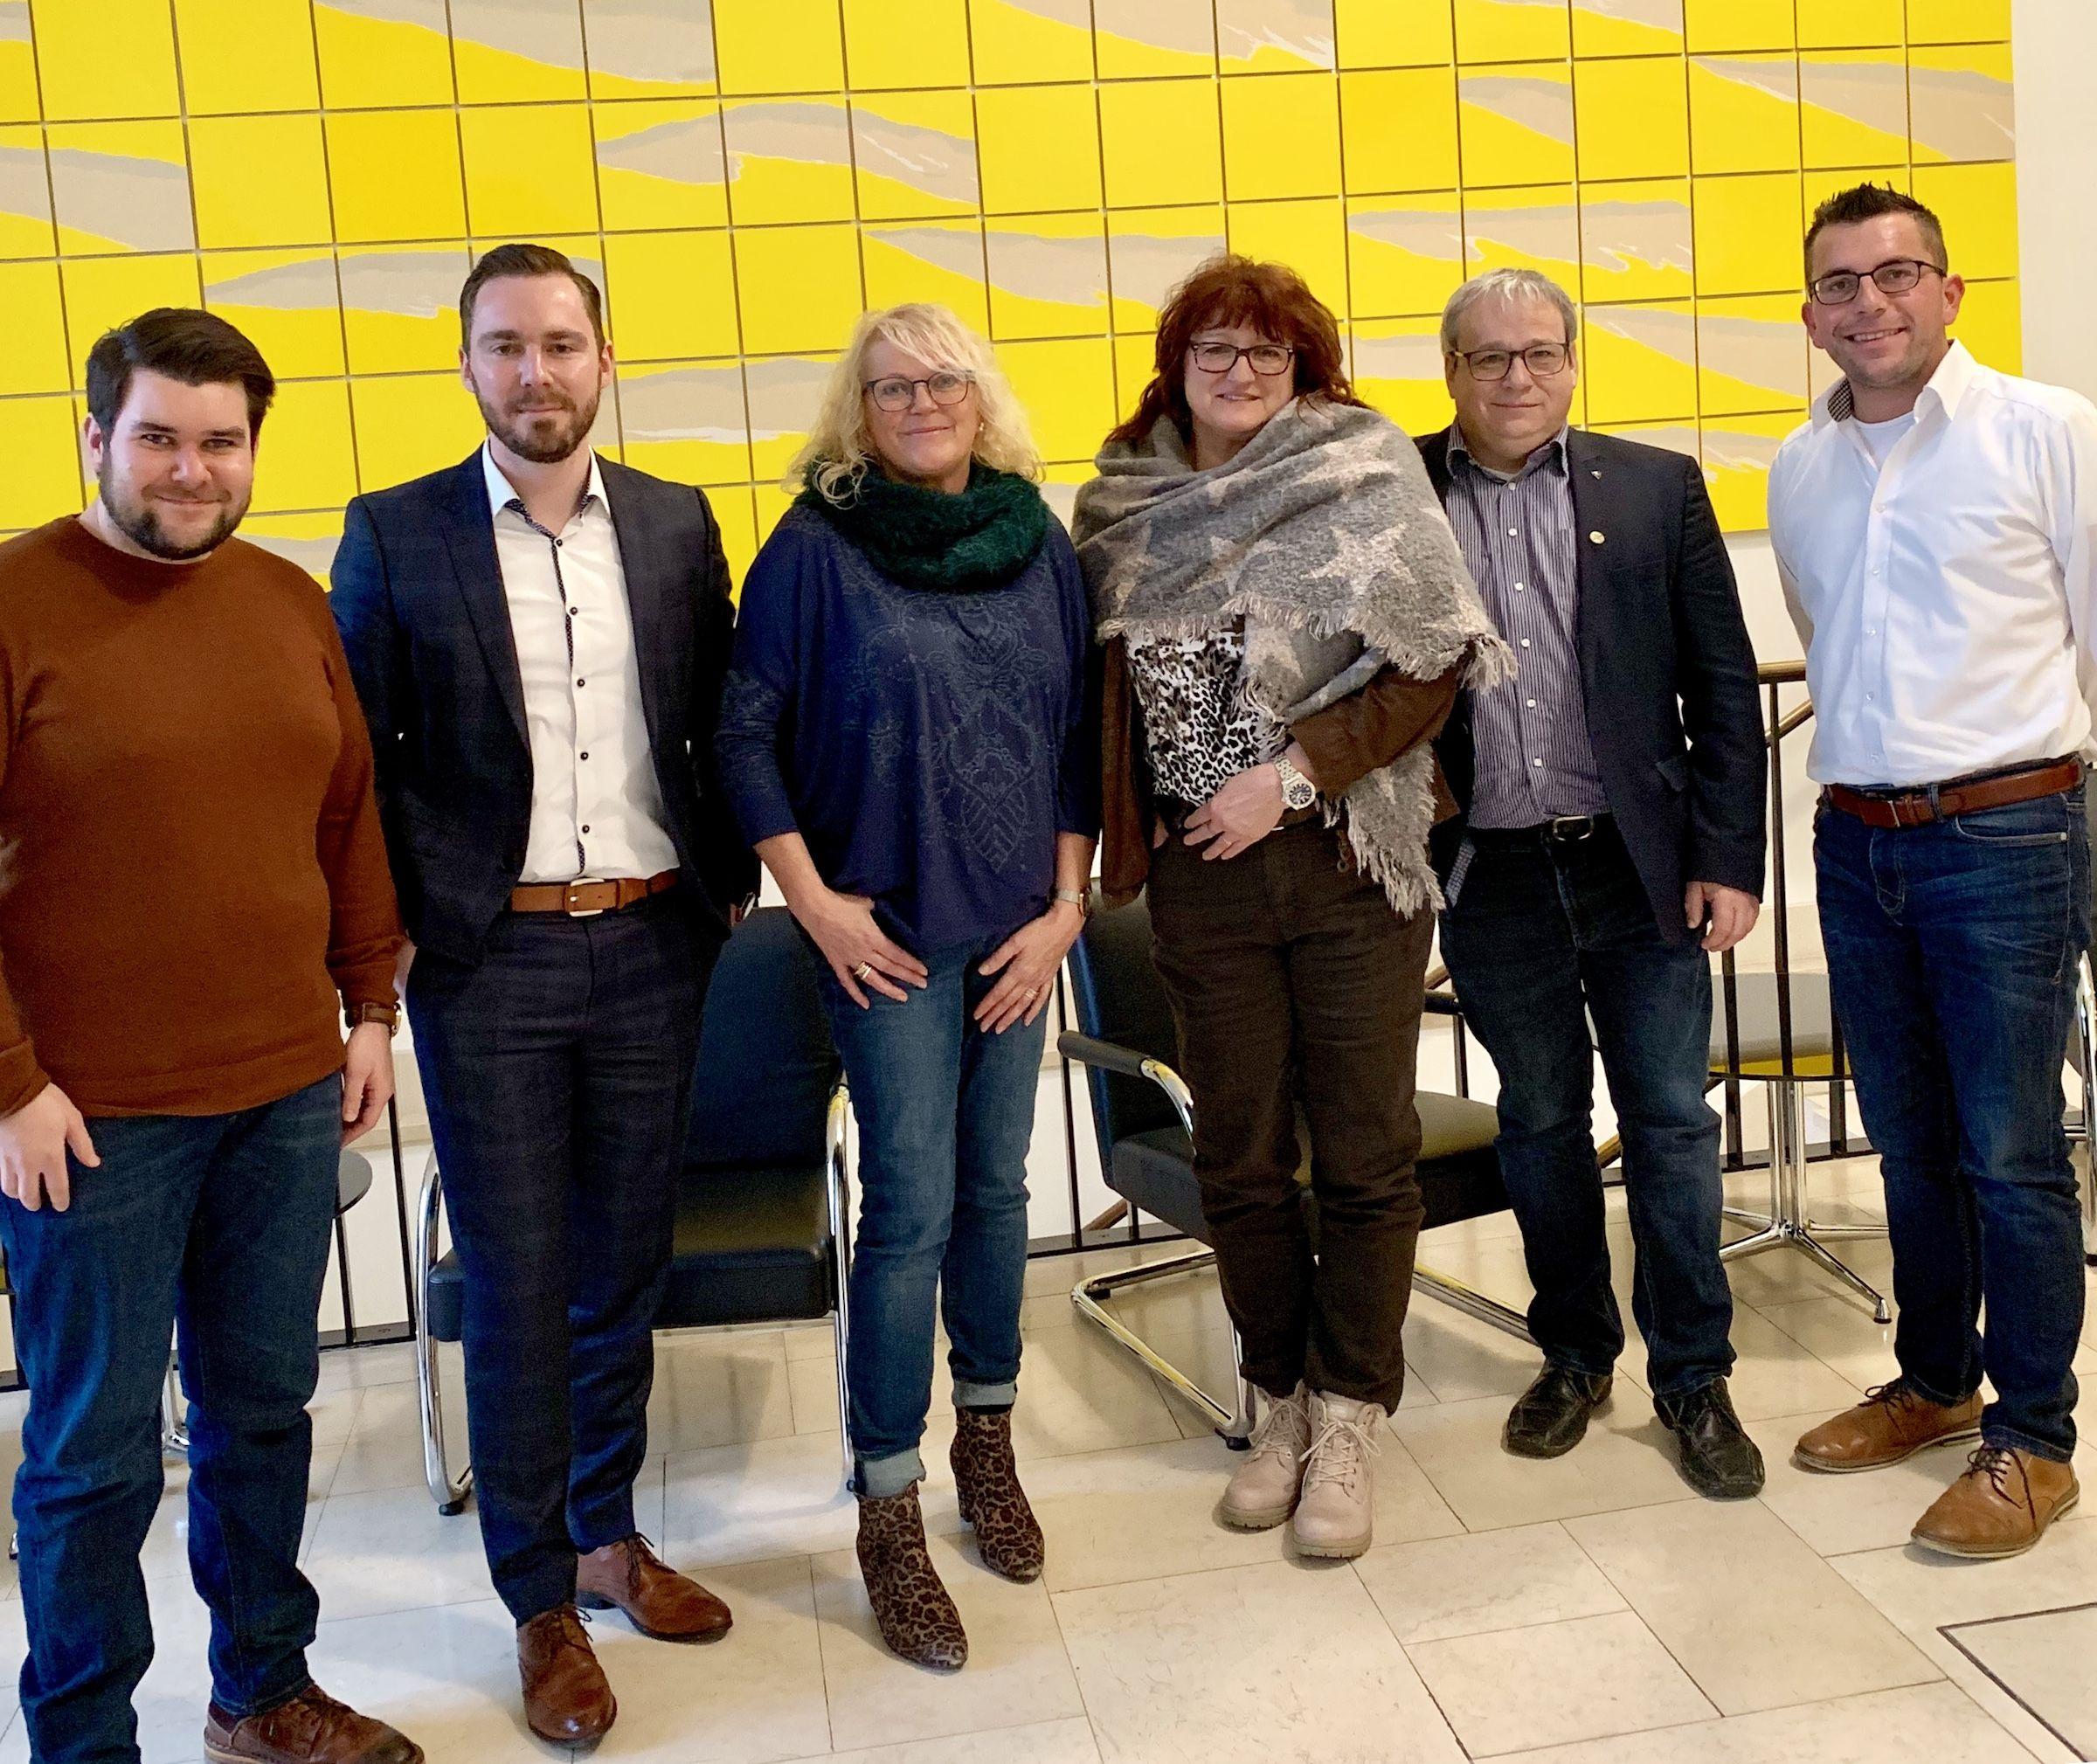 CDU Fraktion des Saarlandes: Arbeitskreis Arbeitnehmerfragen trifft GdP